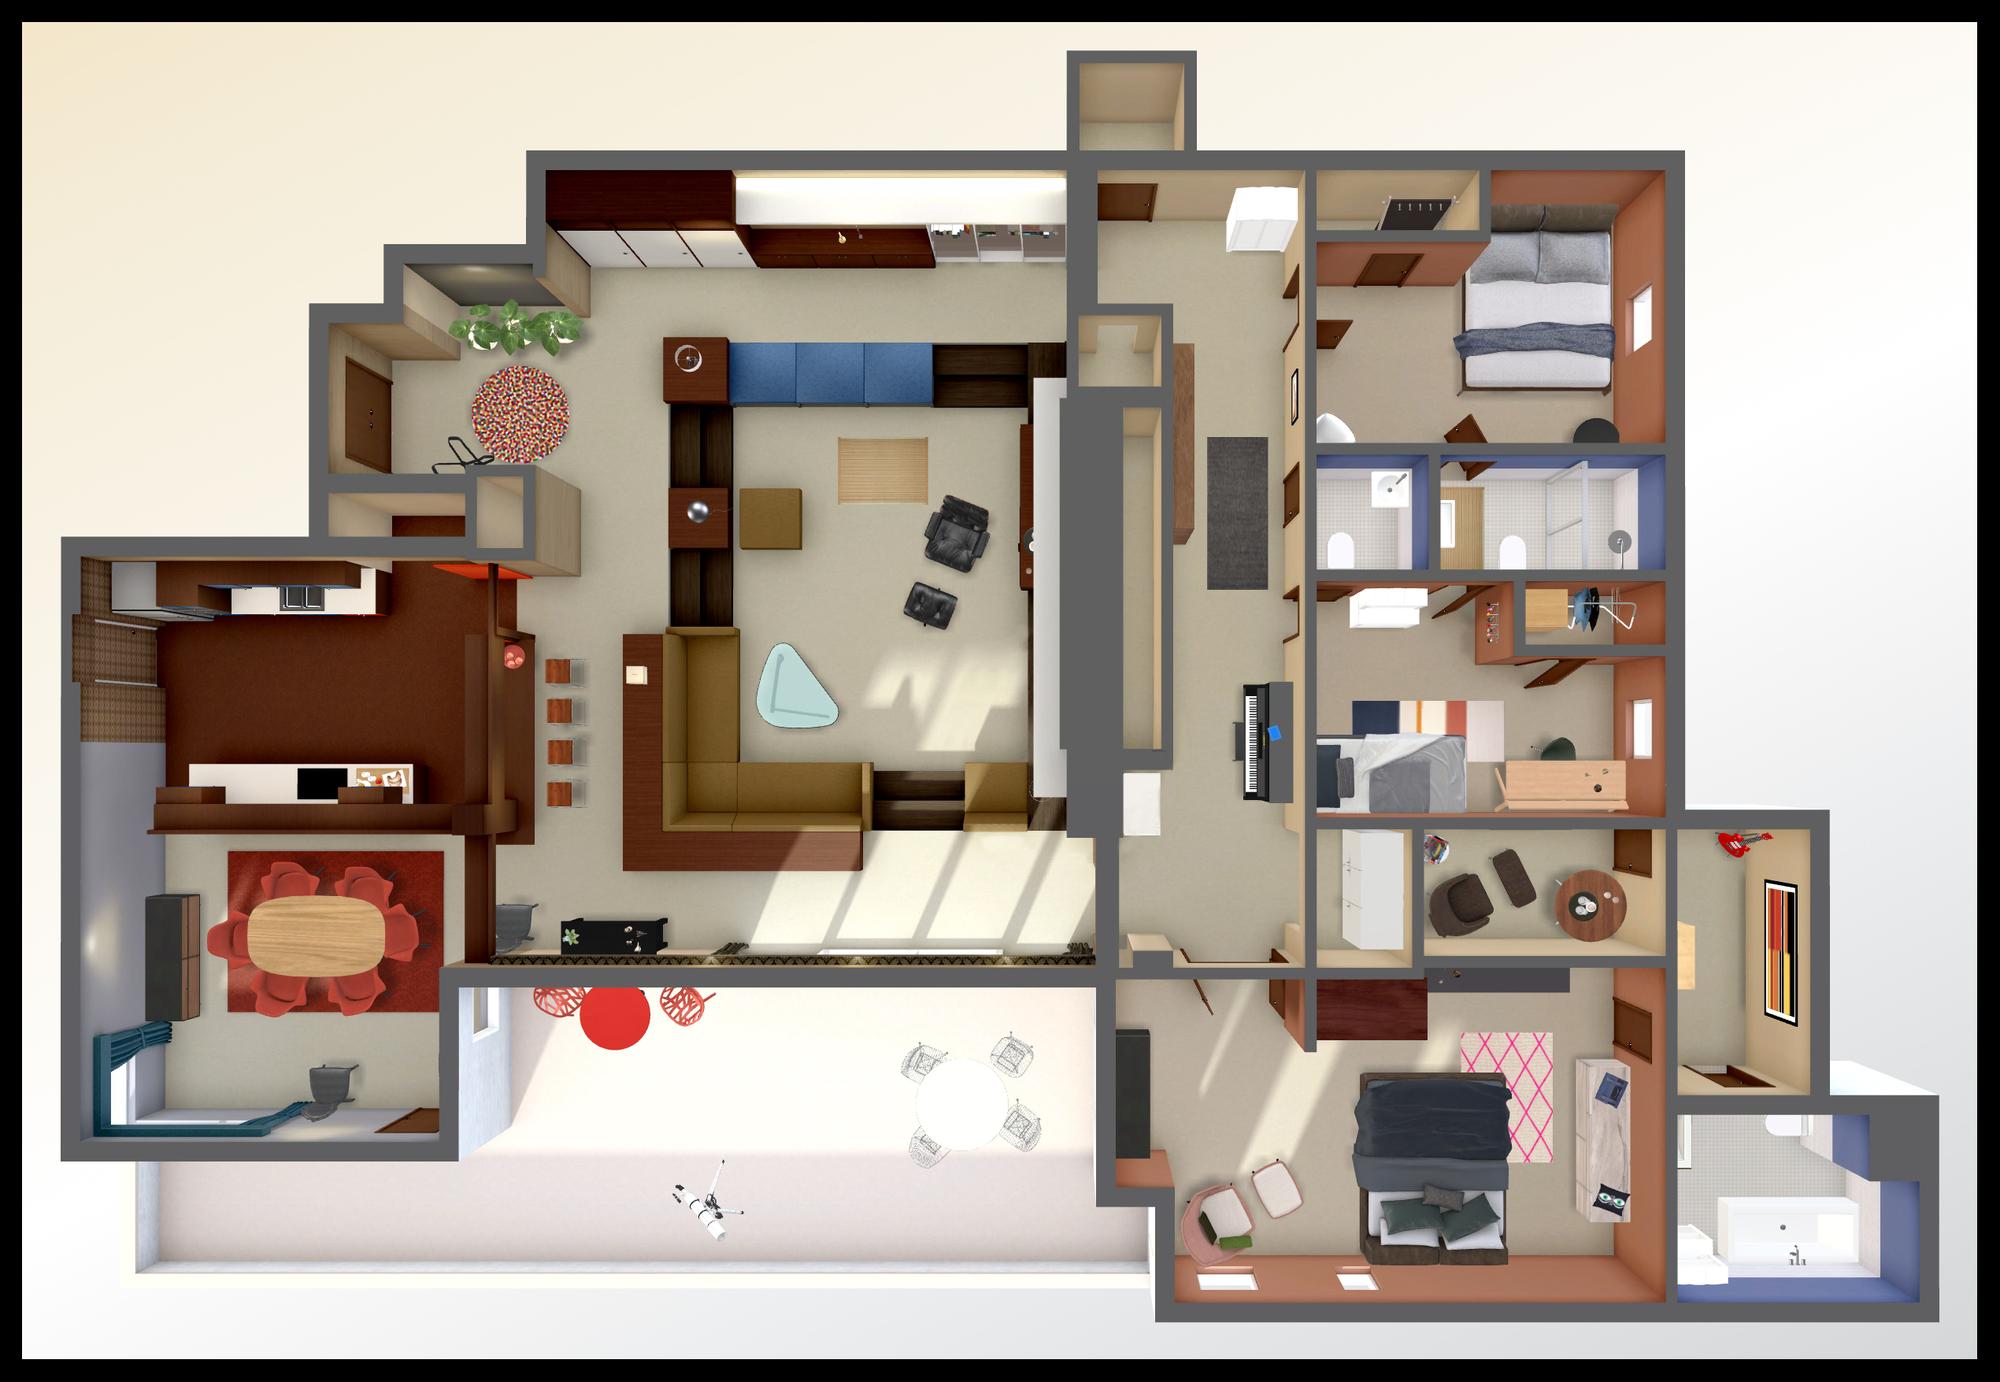 Bathroom Floor Plan Software